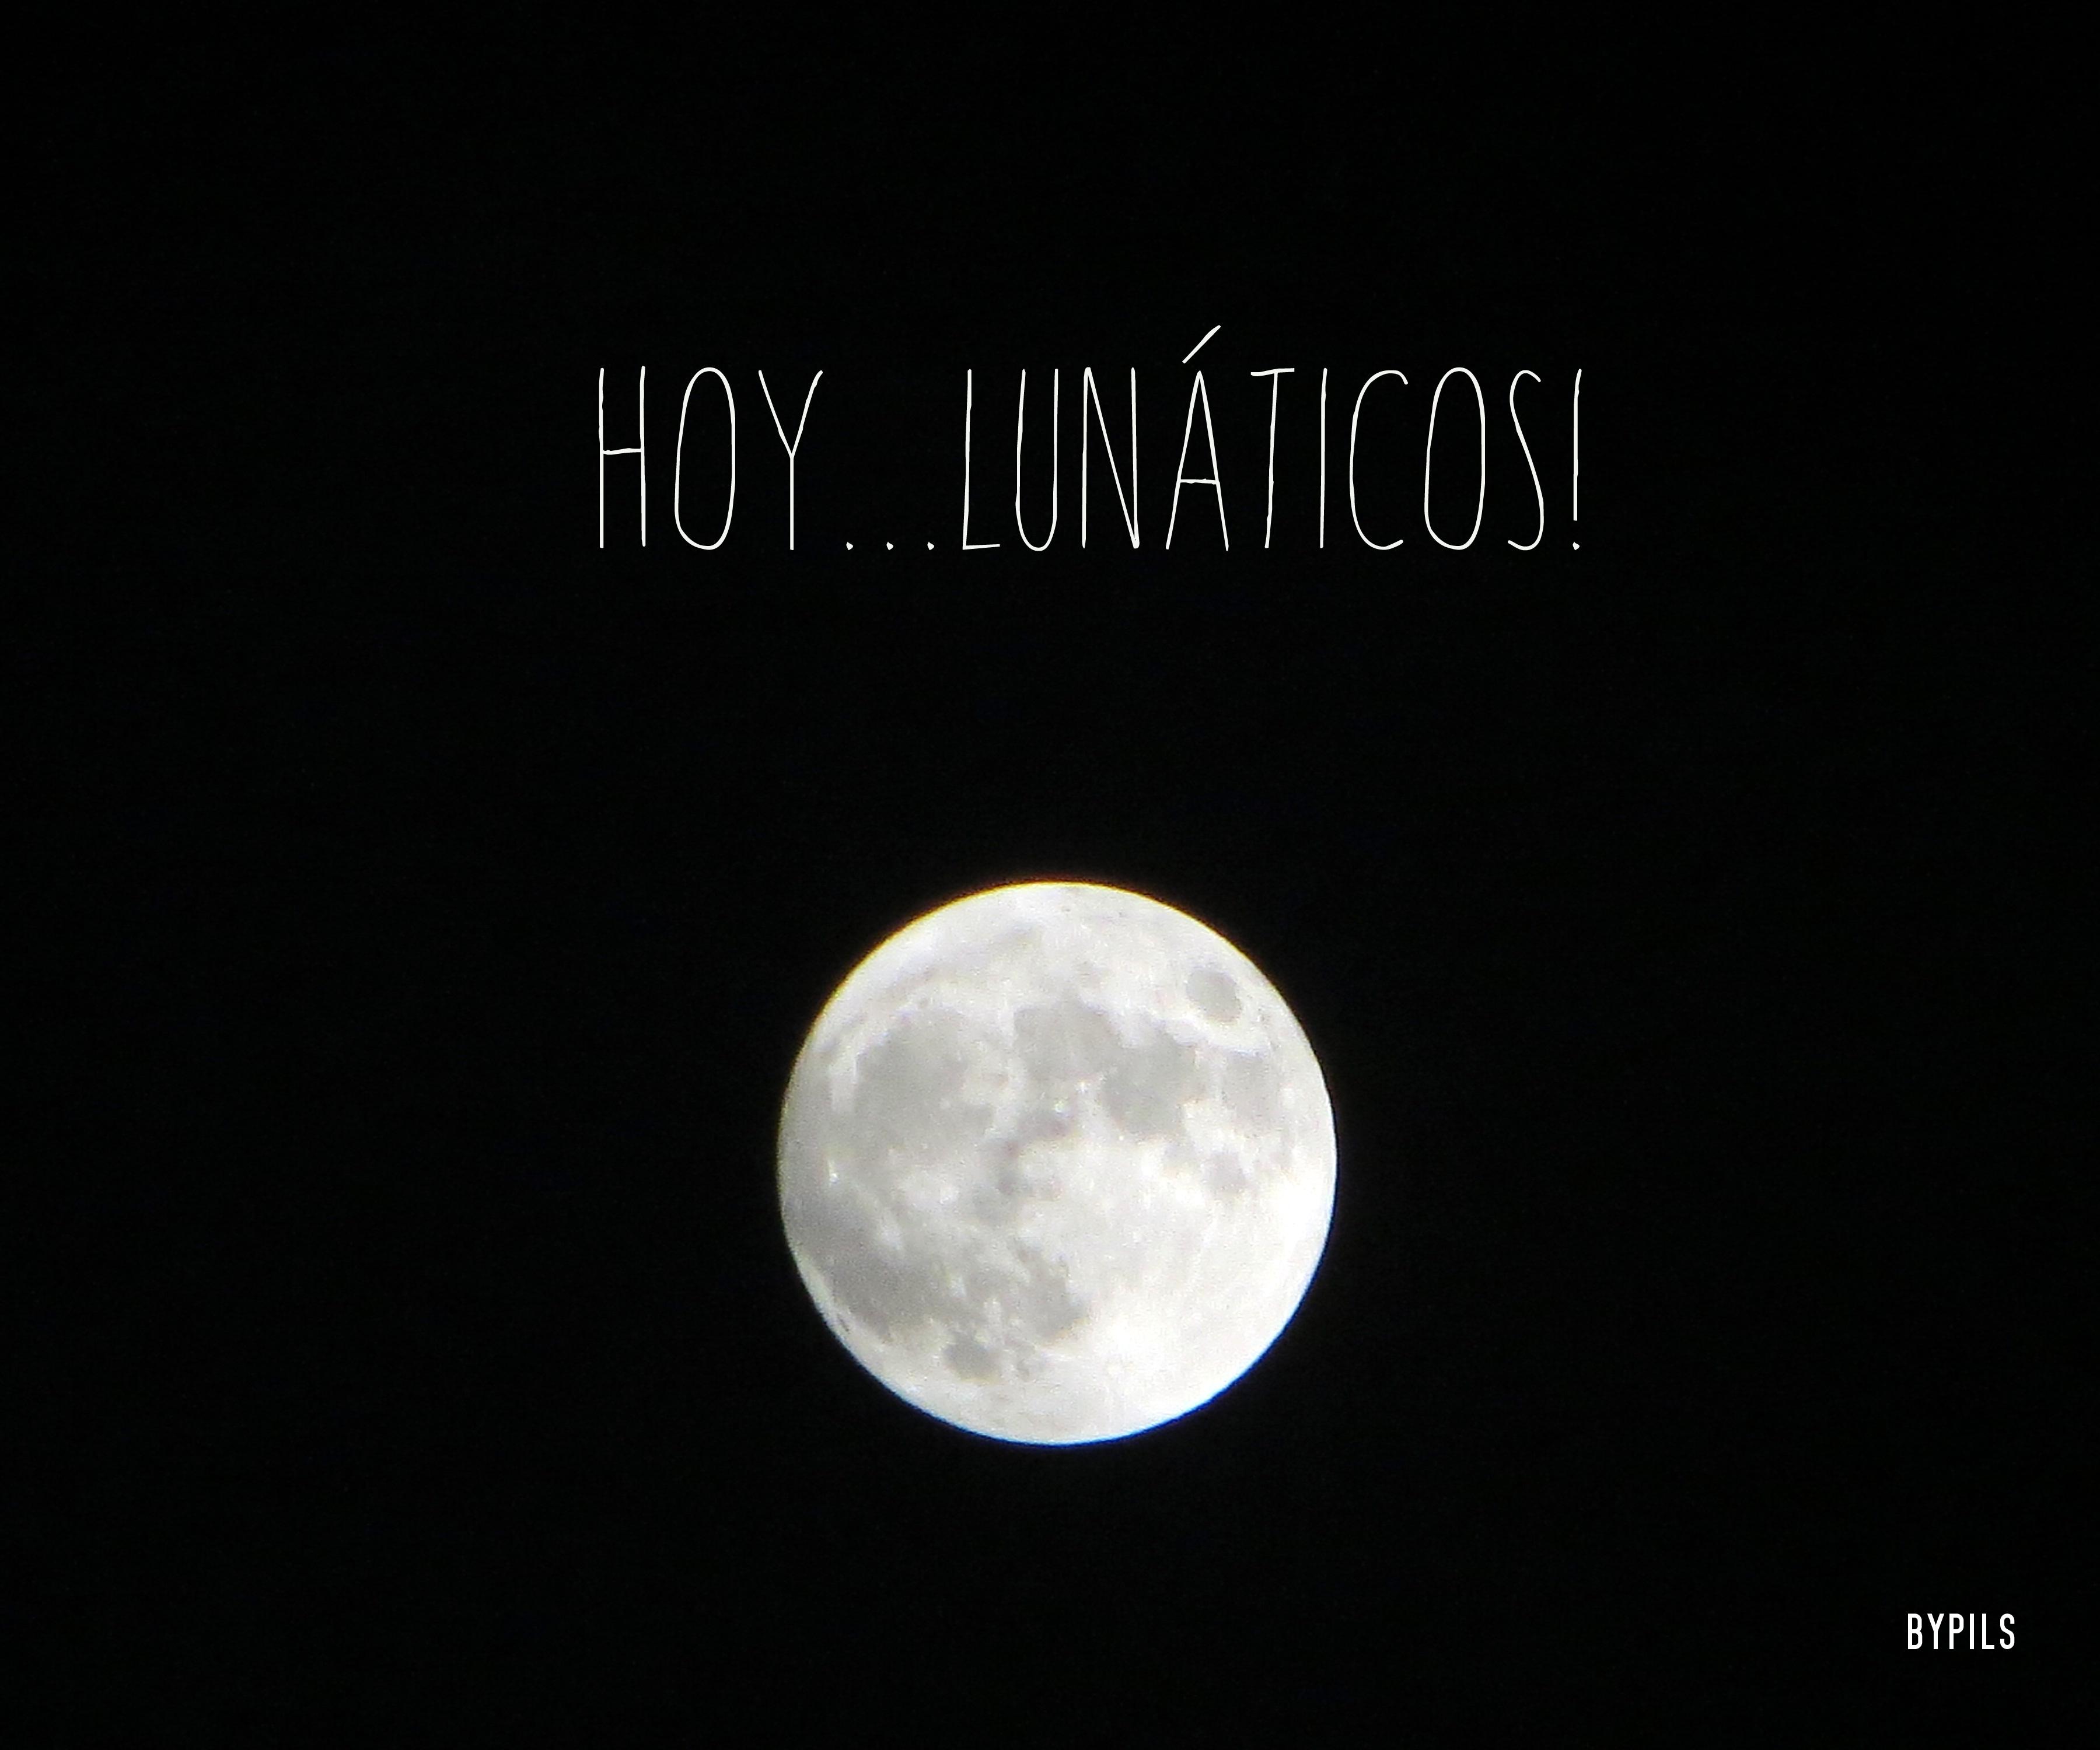 La ltima luna llena del 2013 la tengo non perfect el for Q fase de luna es hoy